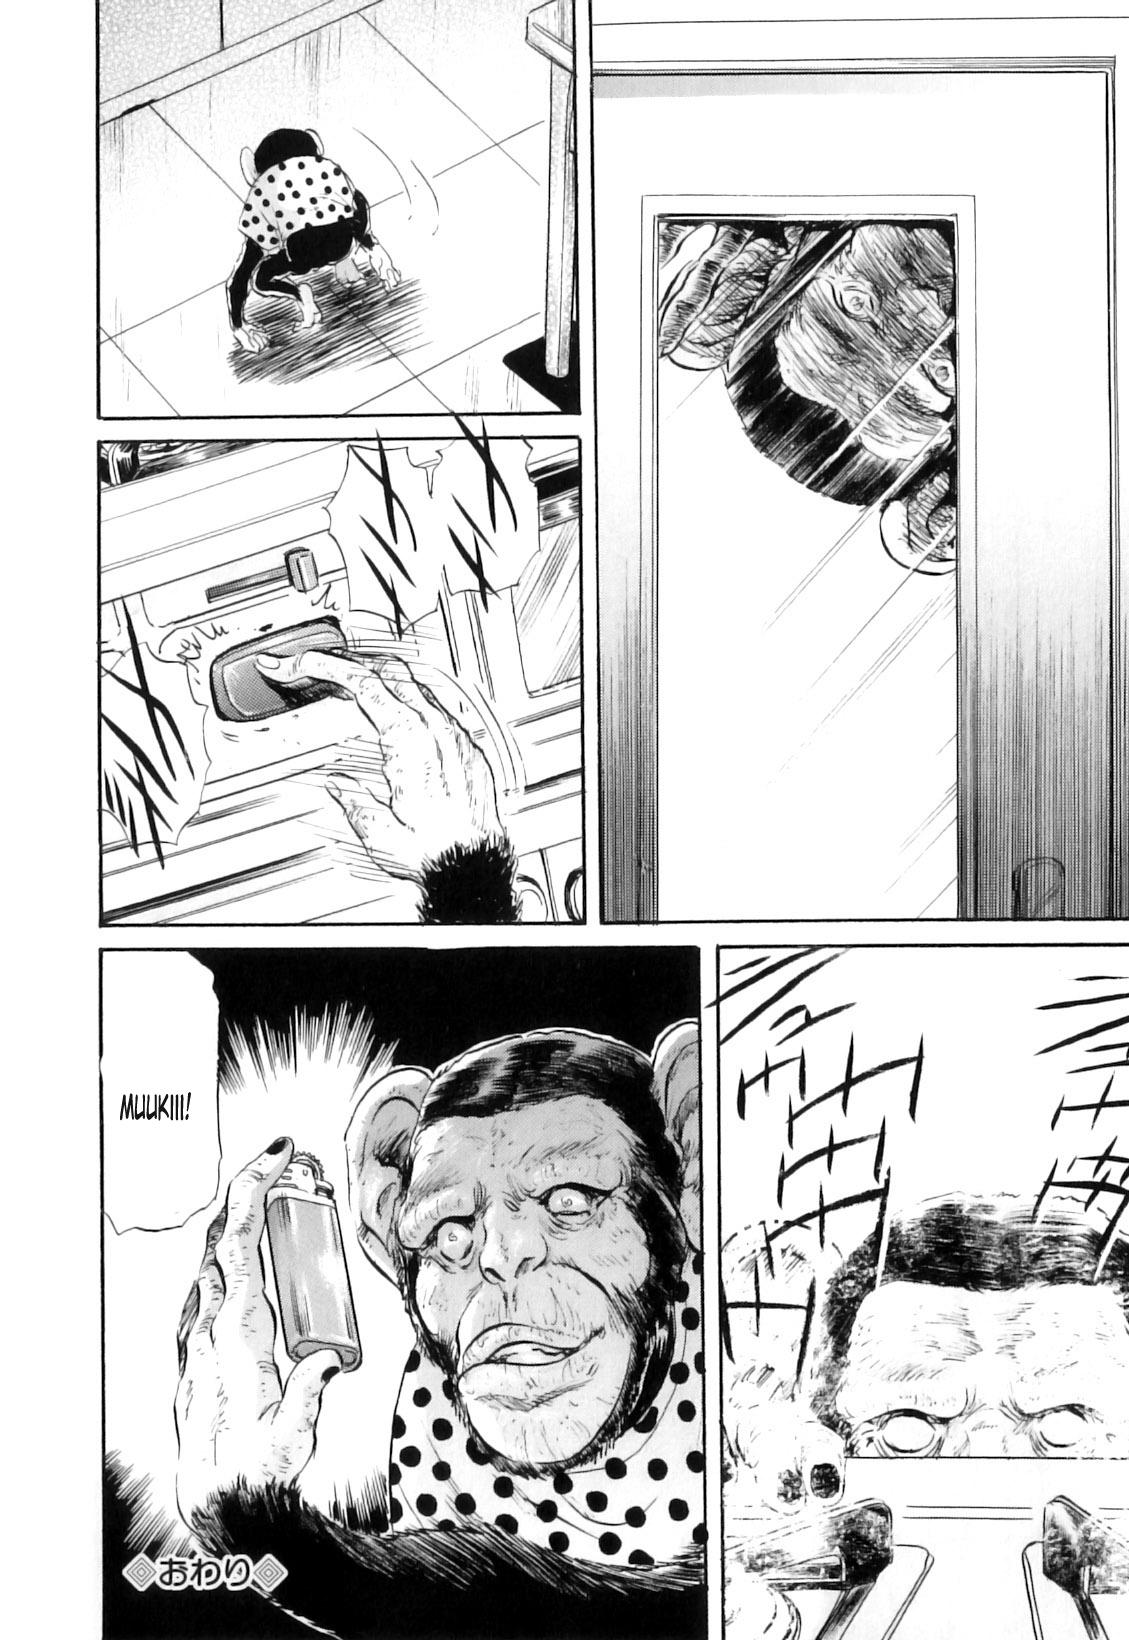 O macaco da família zoofilia quadrinhos - Foto 22